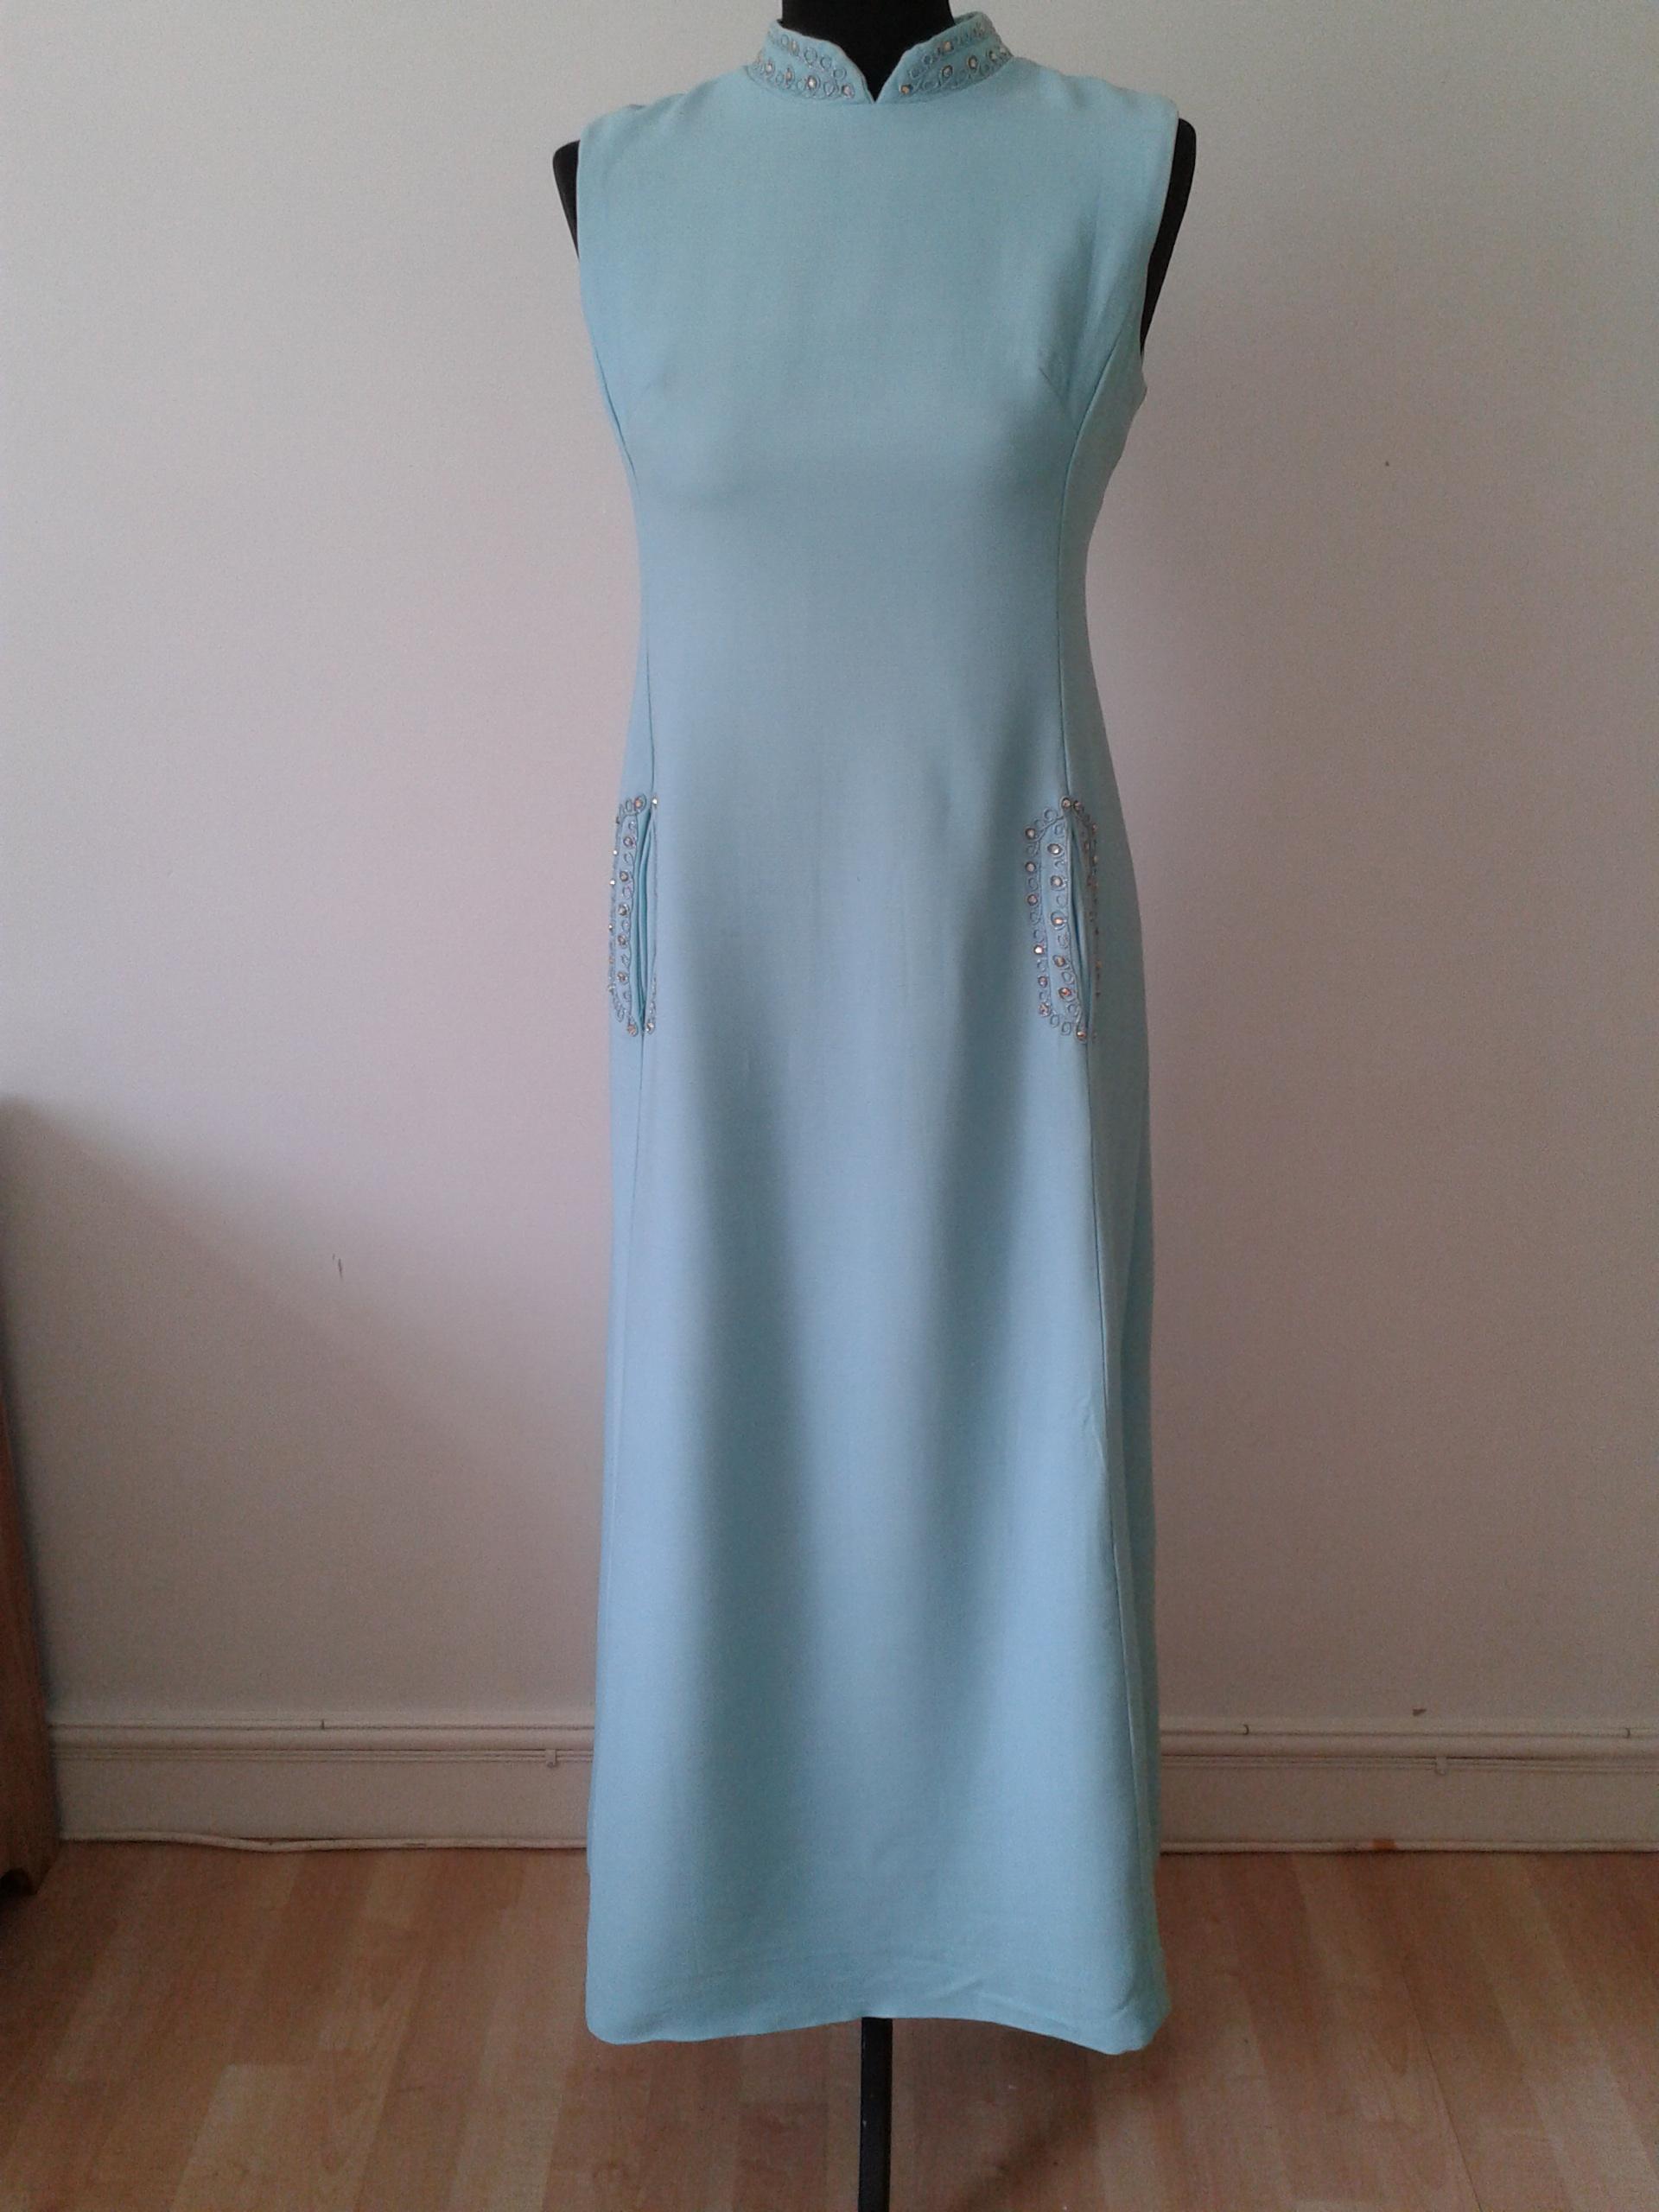 evening dresses uk photo - 1